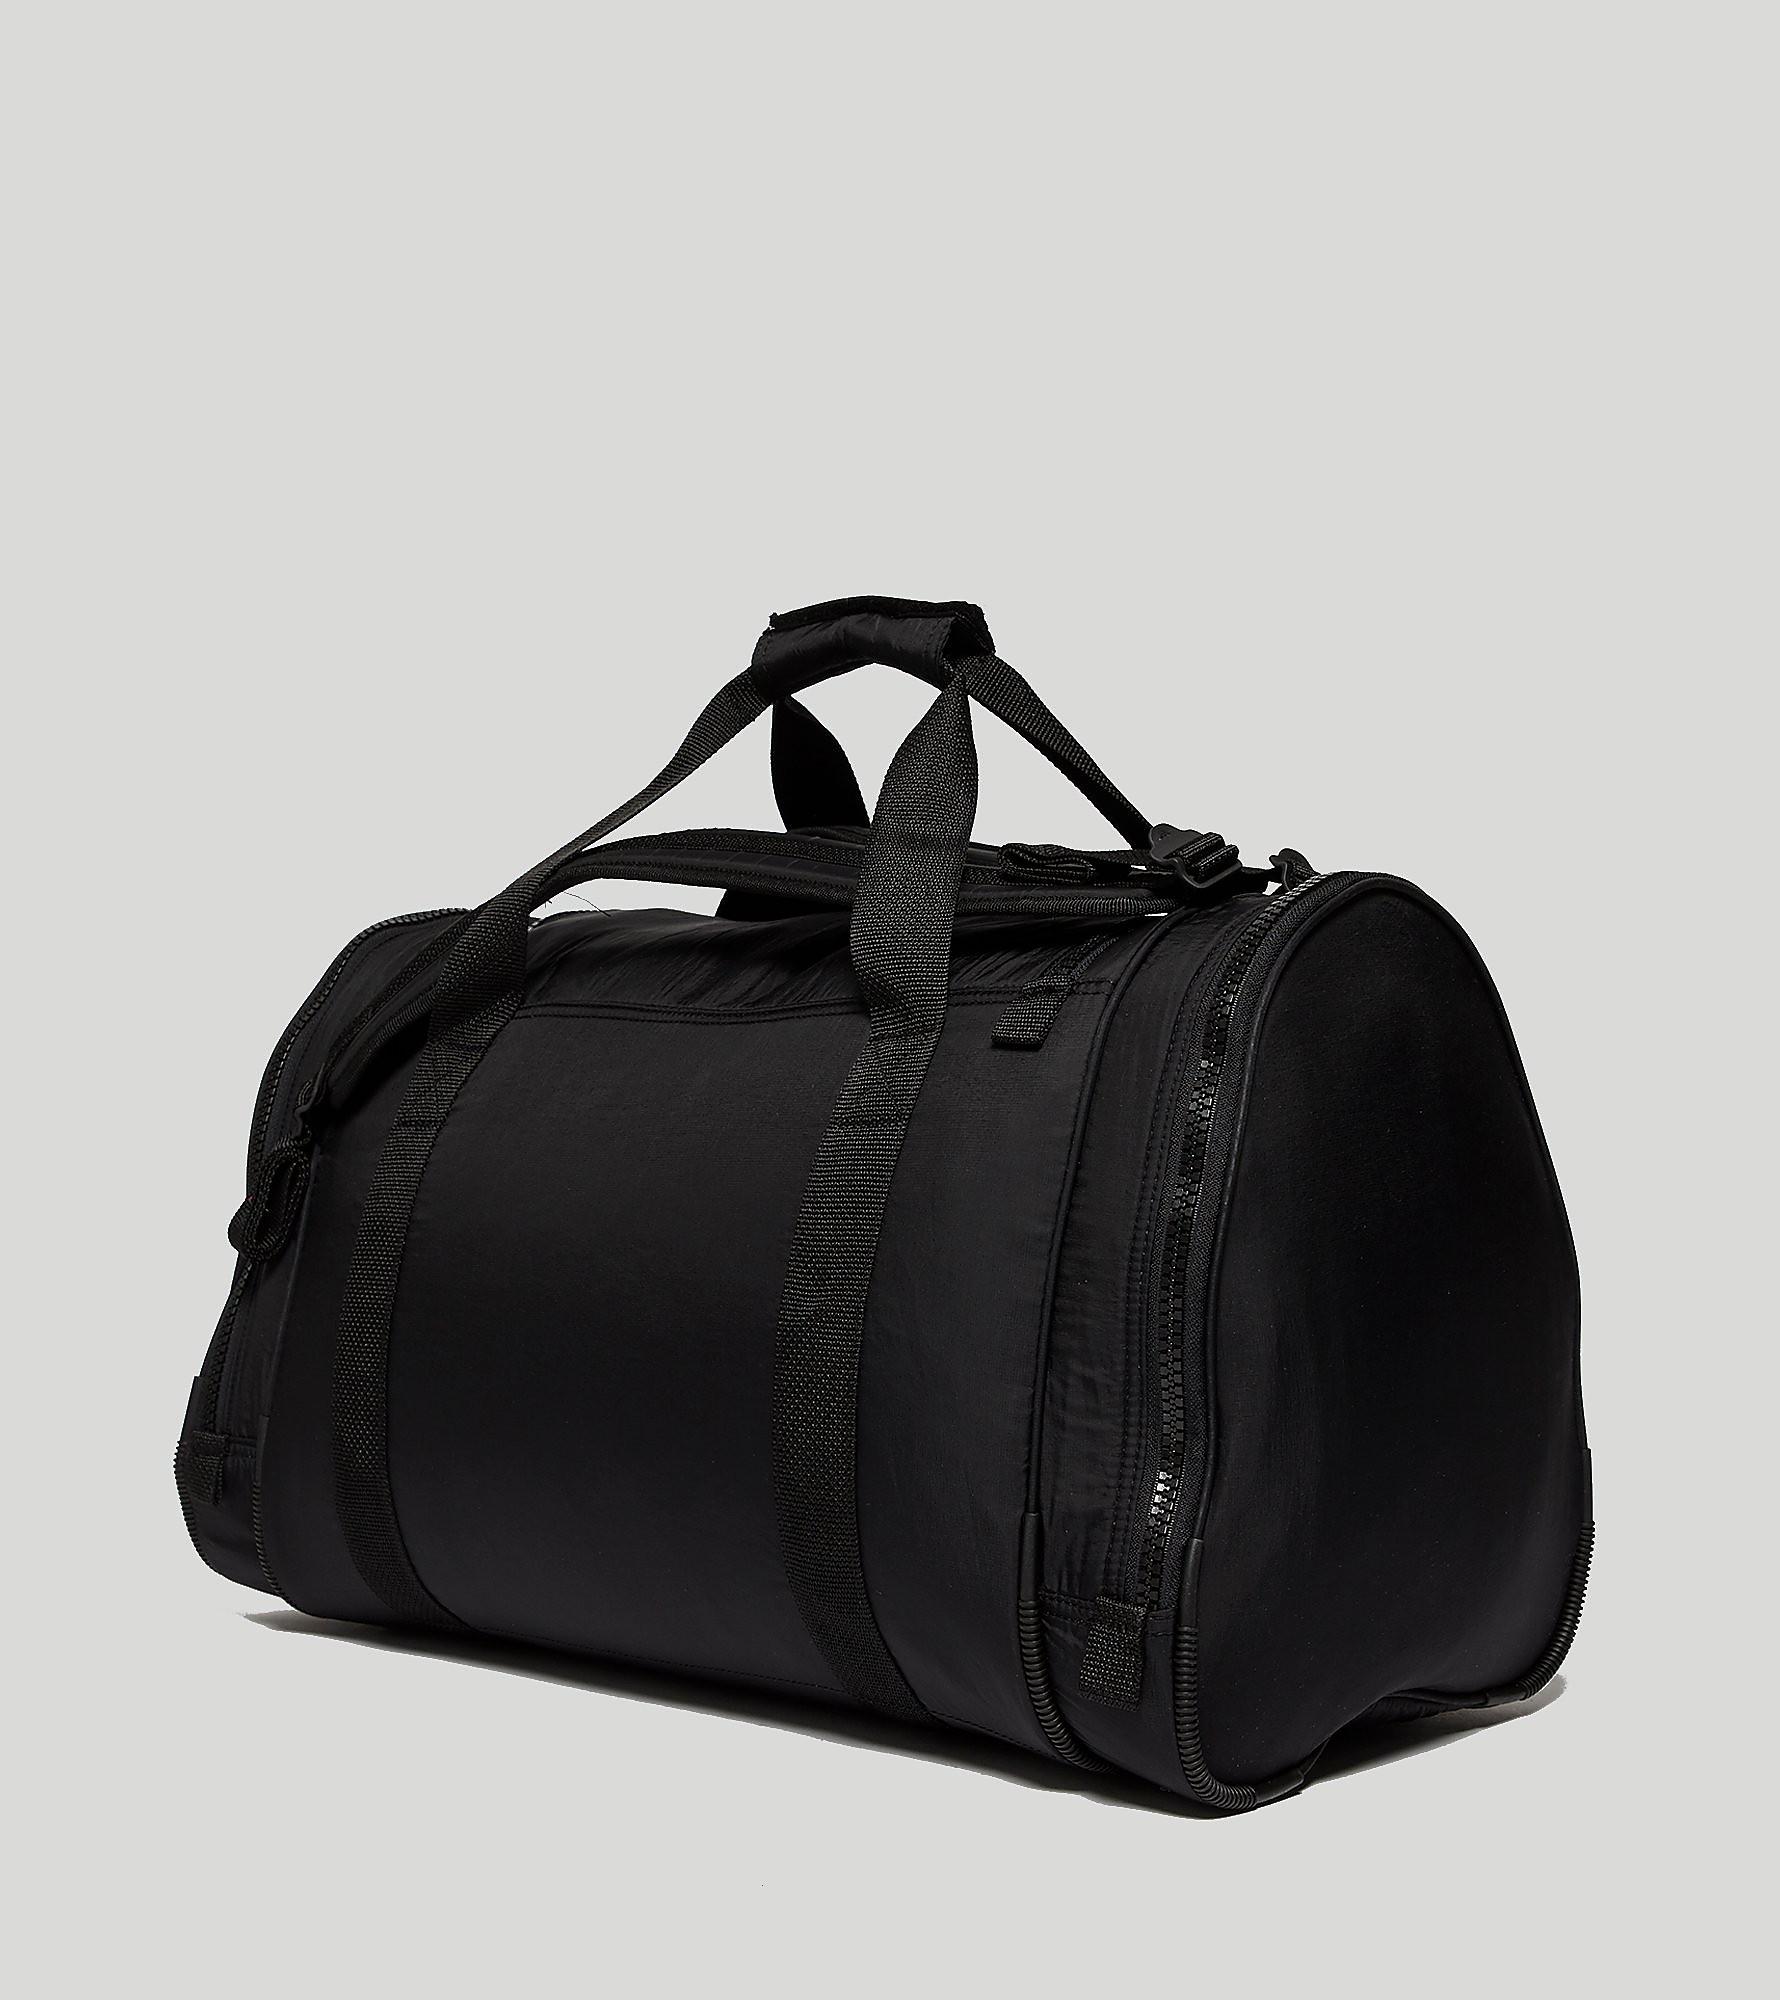 adidas Originals EQT Holdall Bag